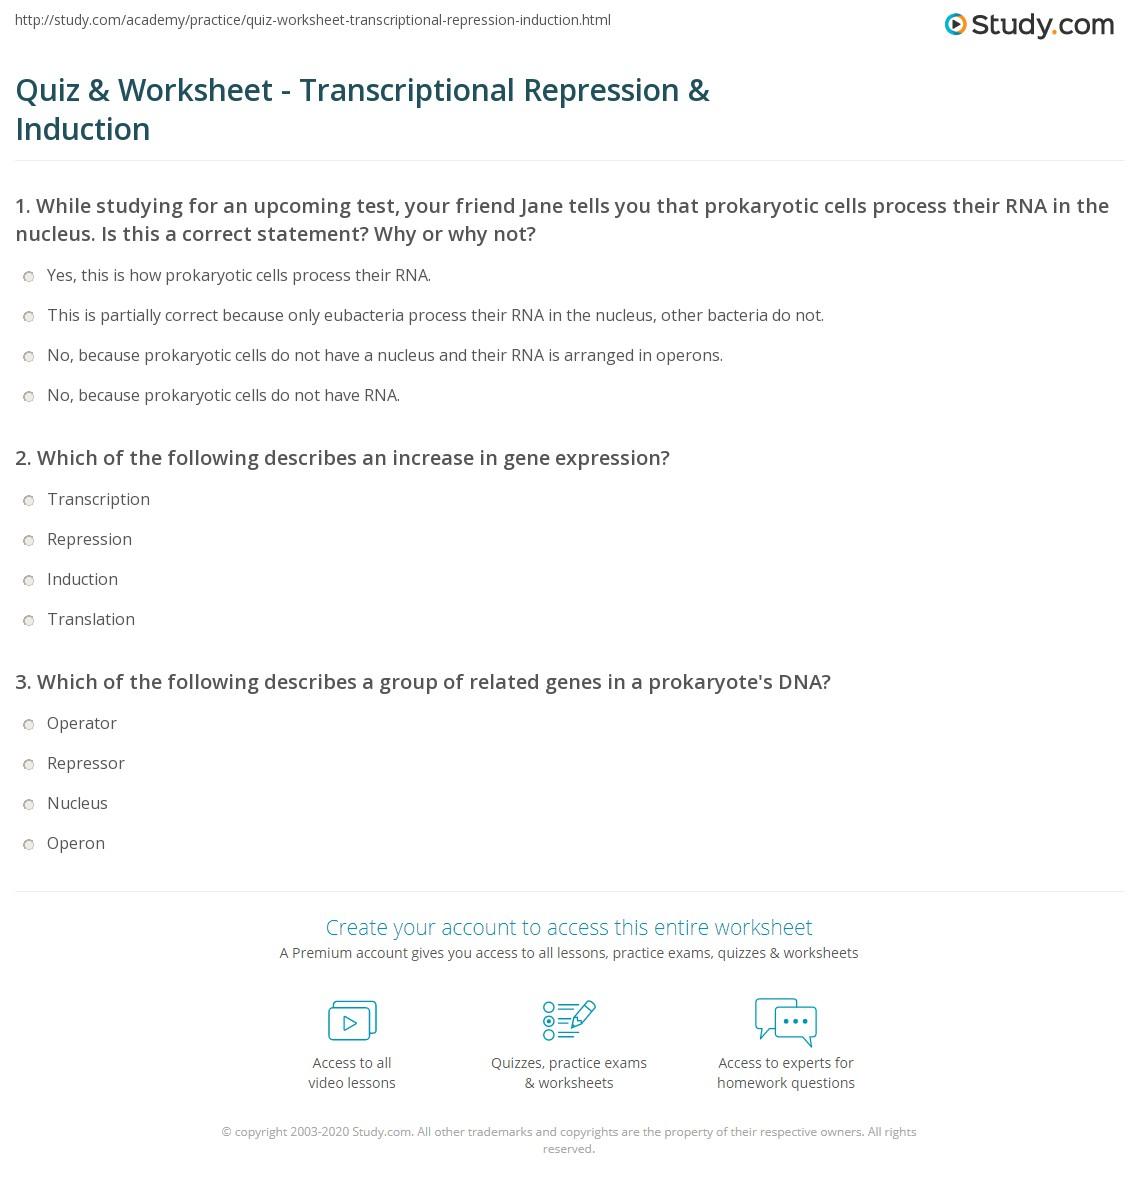 quiz worksheet transcriptional repression induction. Black Bedroom Furniture Sets. Home Design Ideas